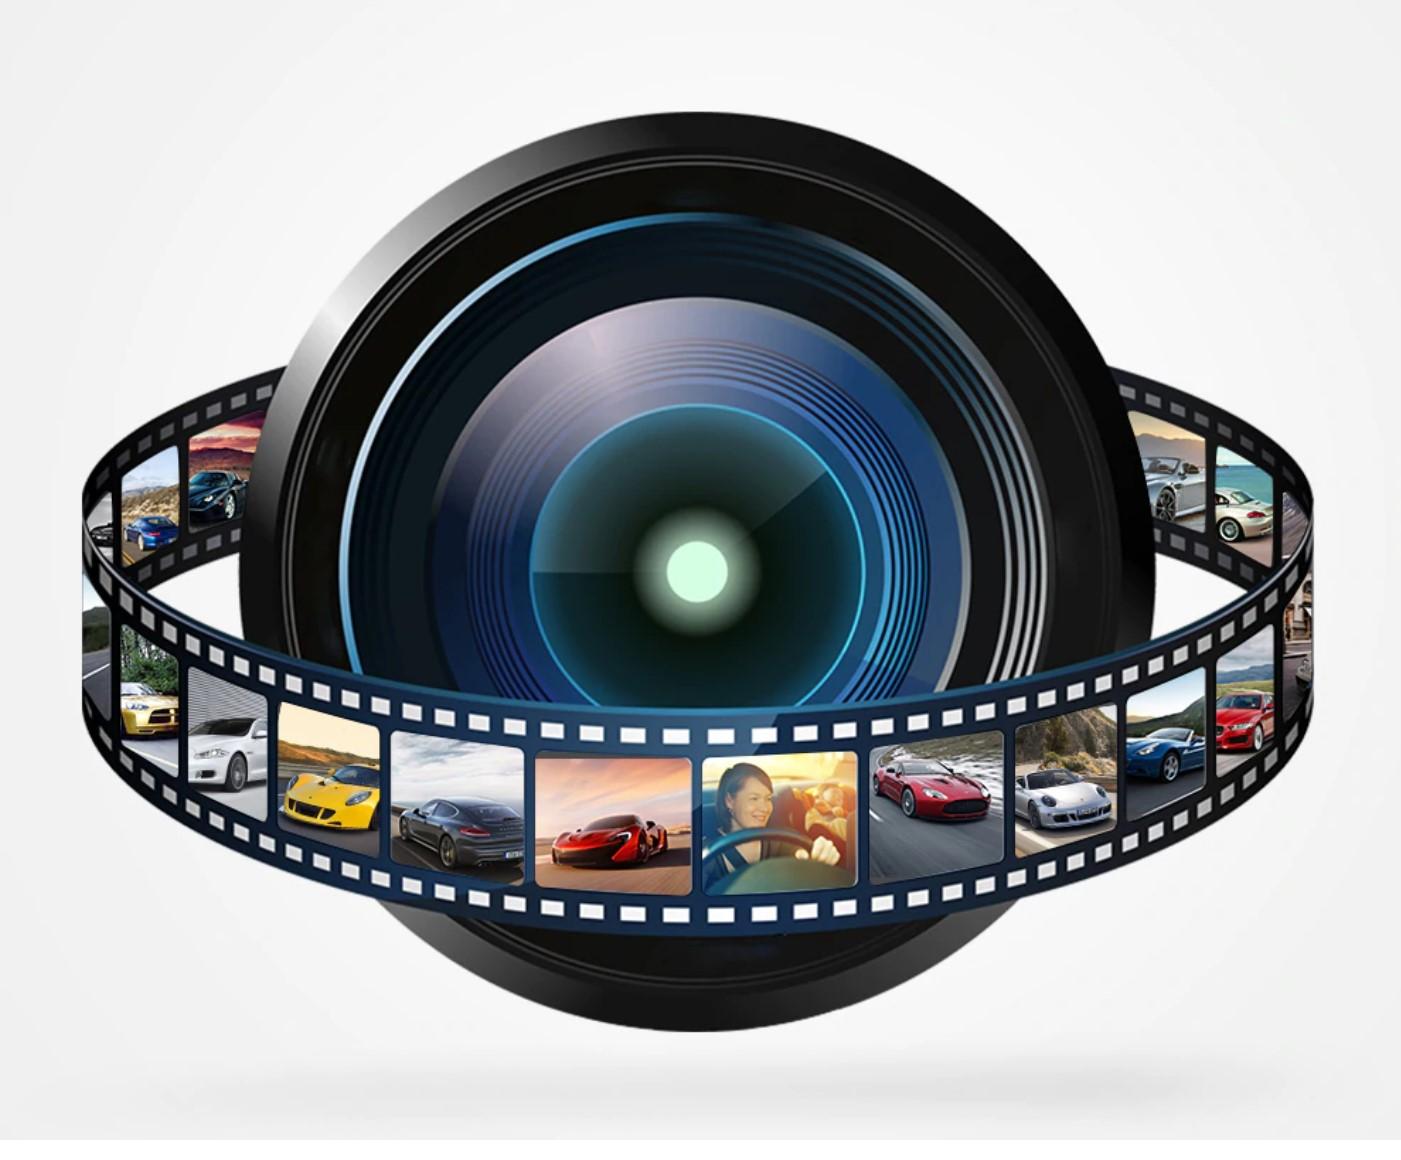 Циклическая запись позволяет записывать ролики по кругу, удаляя старые записи, заменяя их новыми